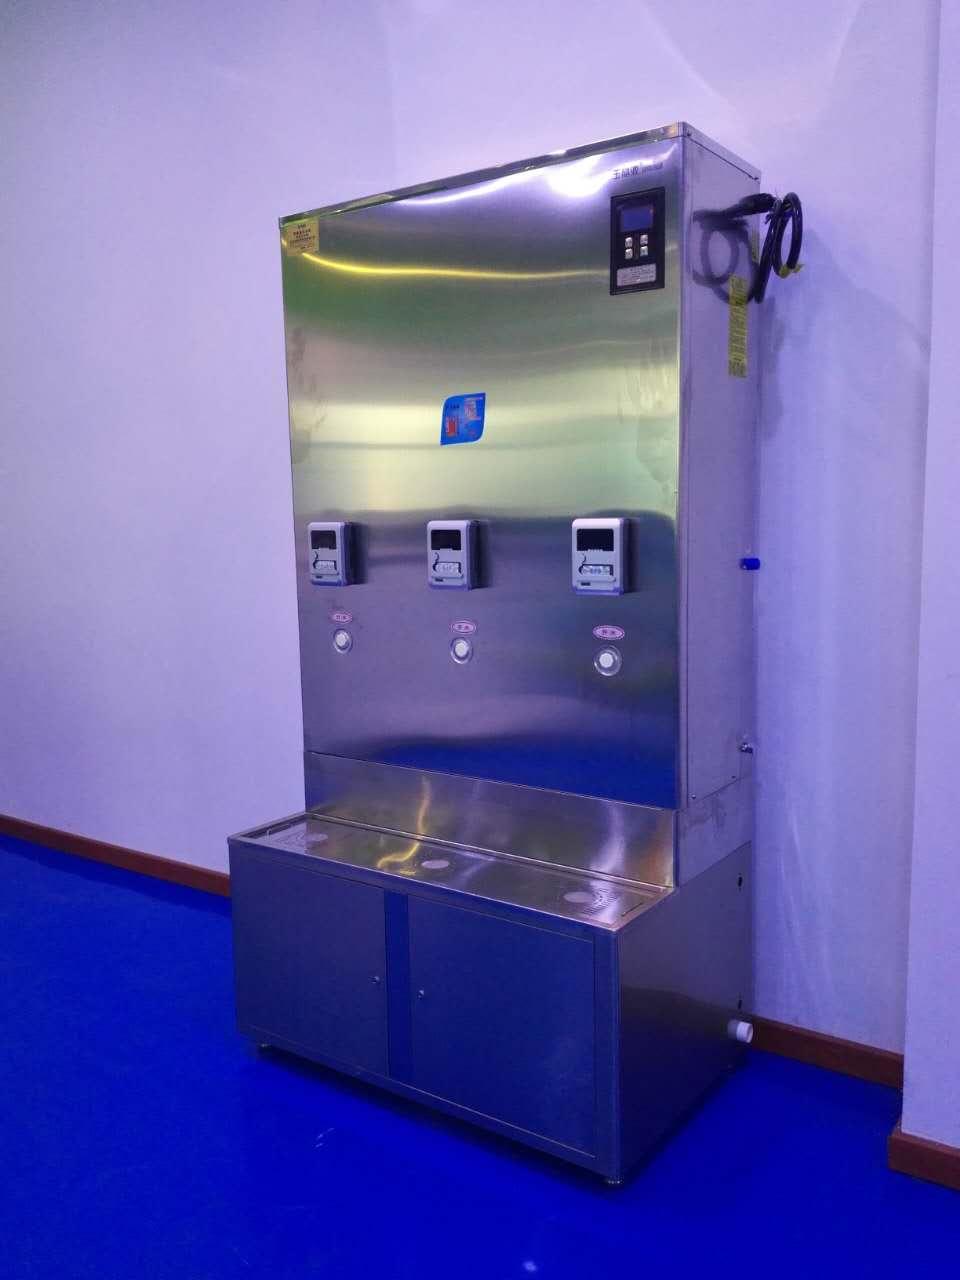 饮水洗澡多用节能电热开水炉厂家直销丨节能型洗澡喝水电热开水机丨图片